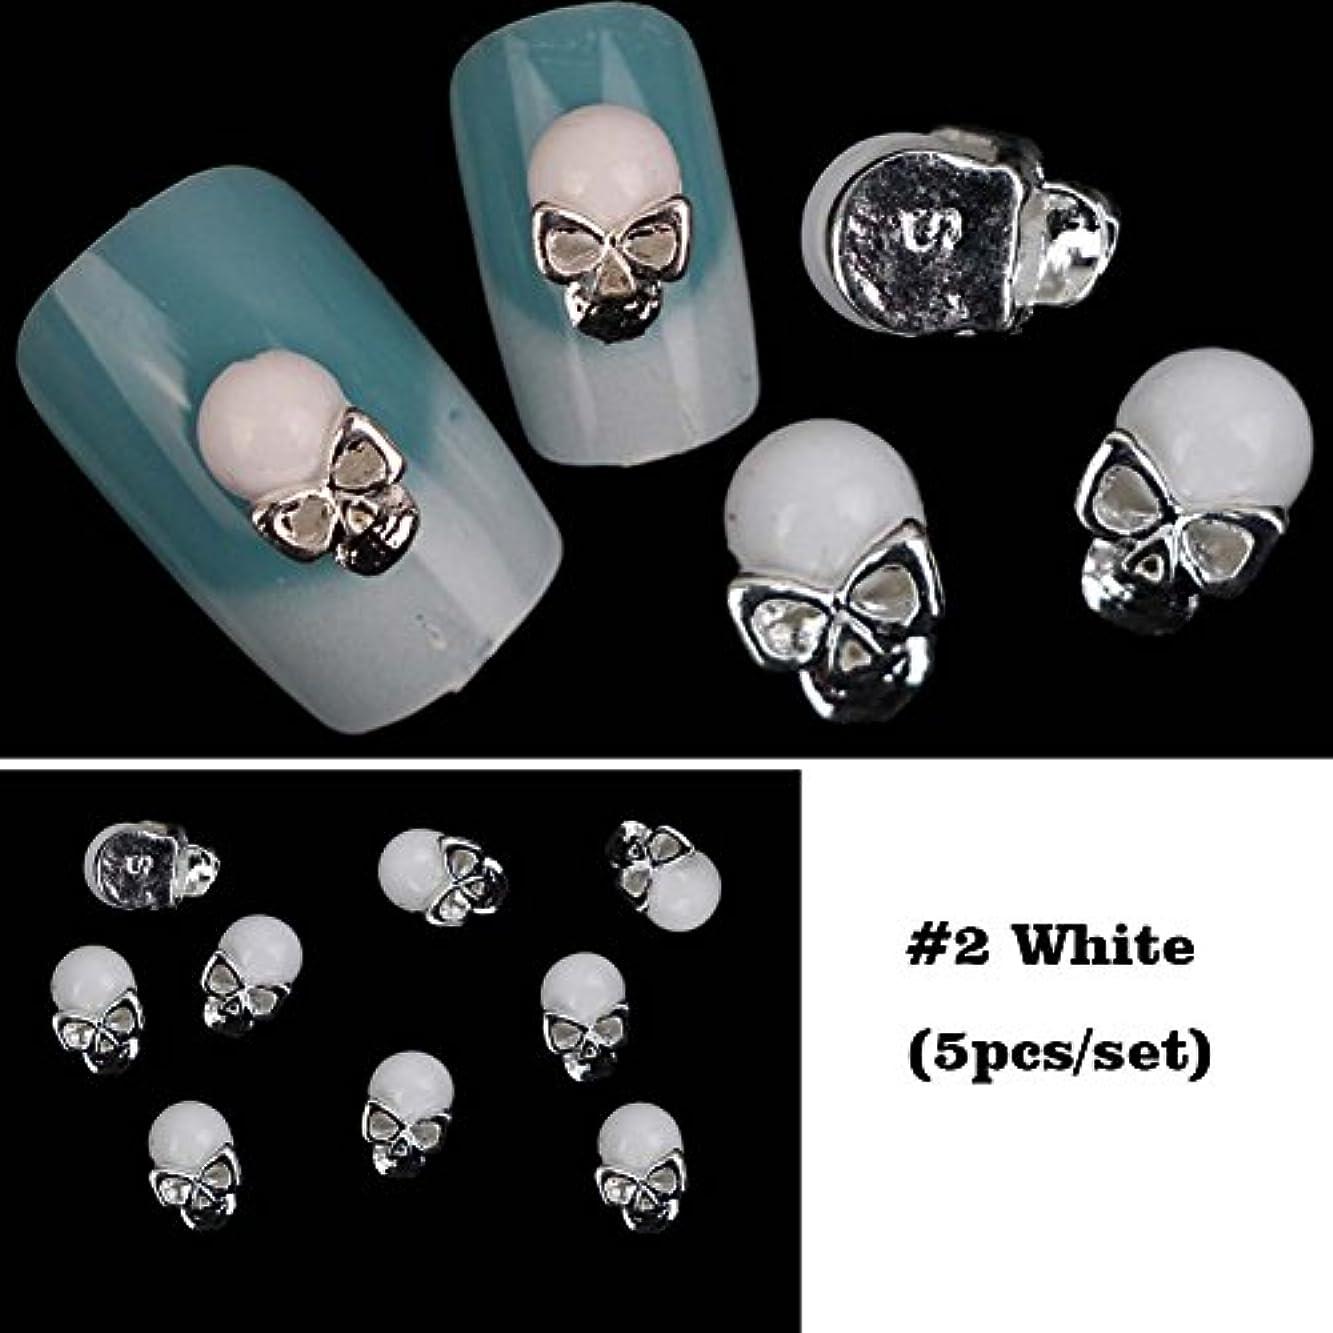 フォーマルピッチ急性Lookathot 5PCS 3Dネイルアートデカールブラックホワイトメタリックスカルスタッドラインストーンダイヤモンドパールドリル合金マニキュアDIYの装飾ツールハロウィーン